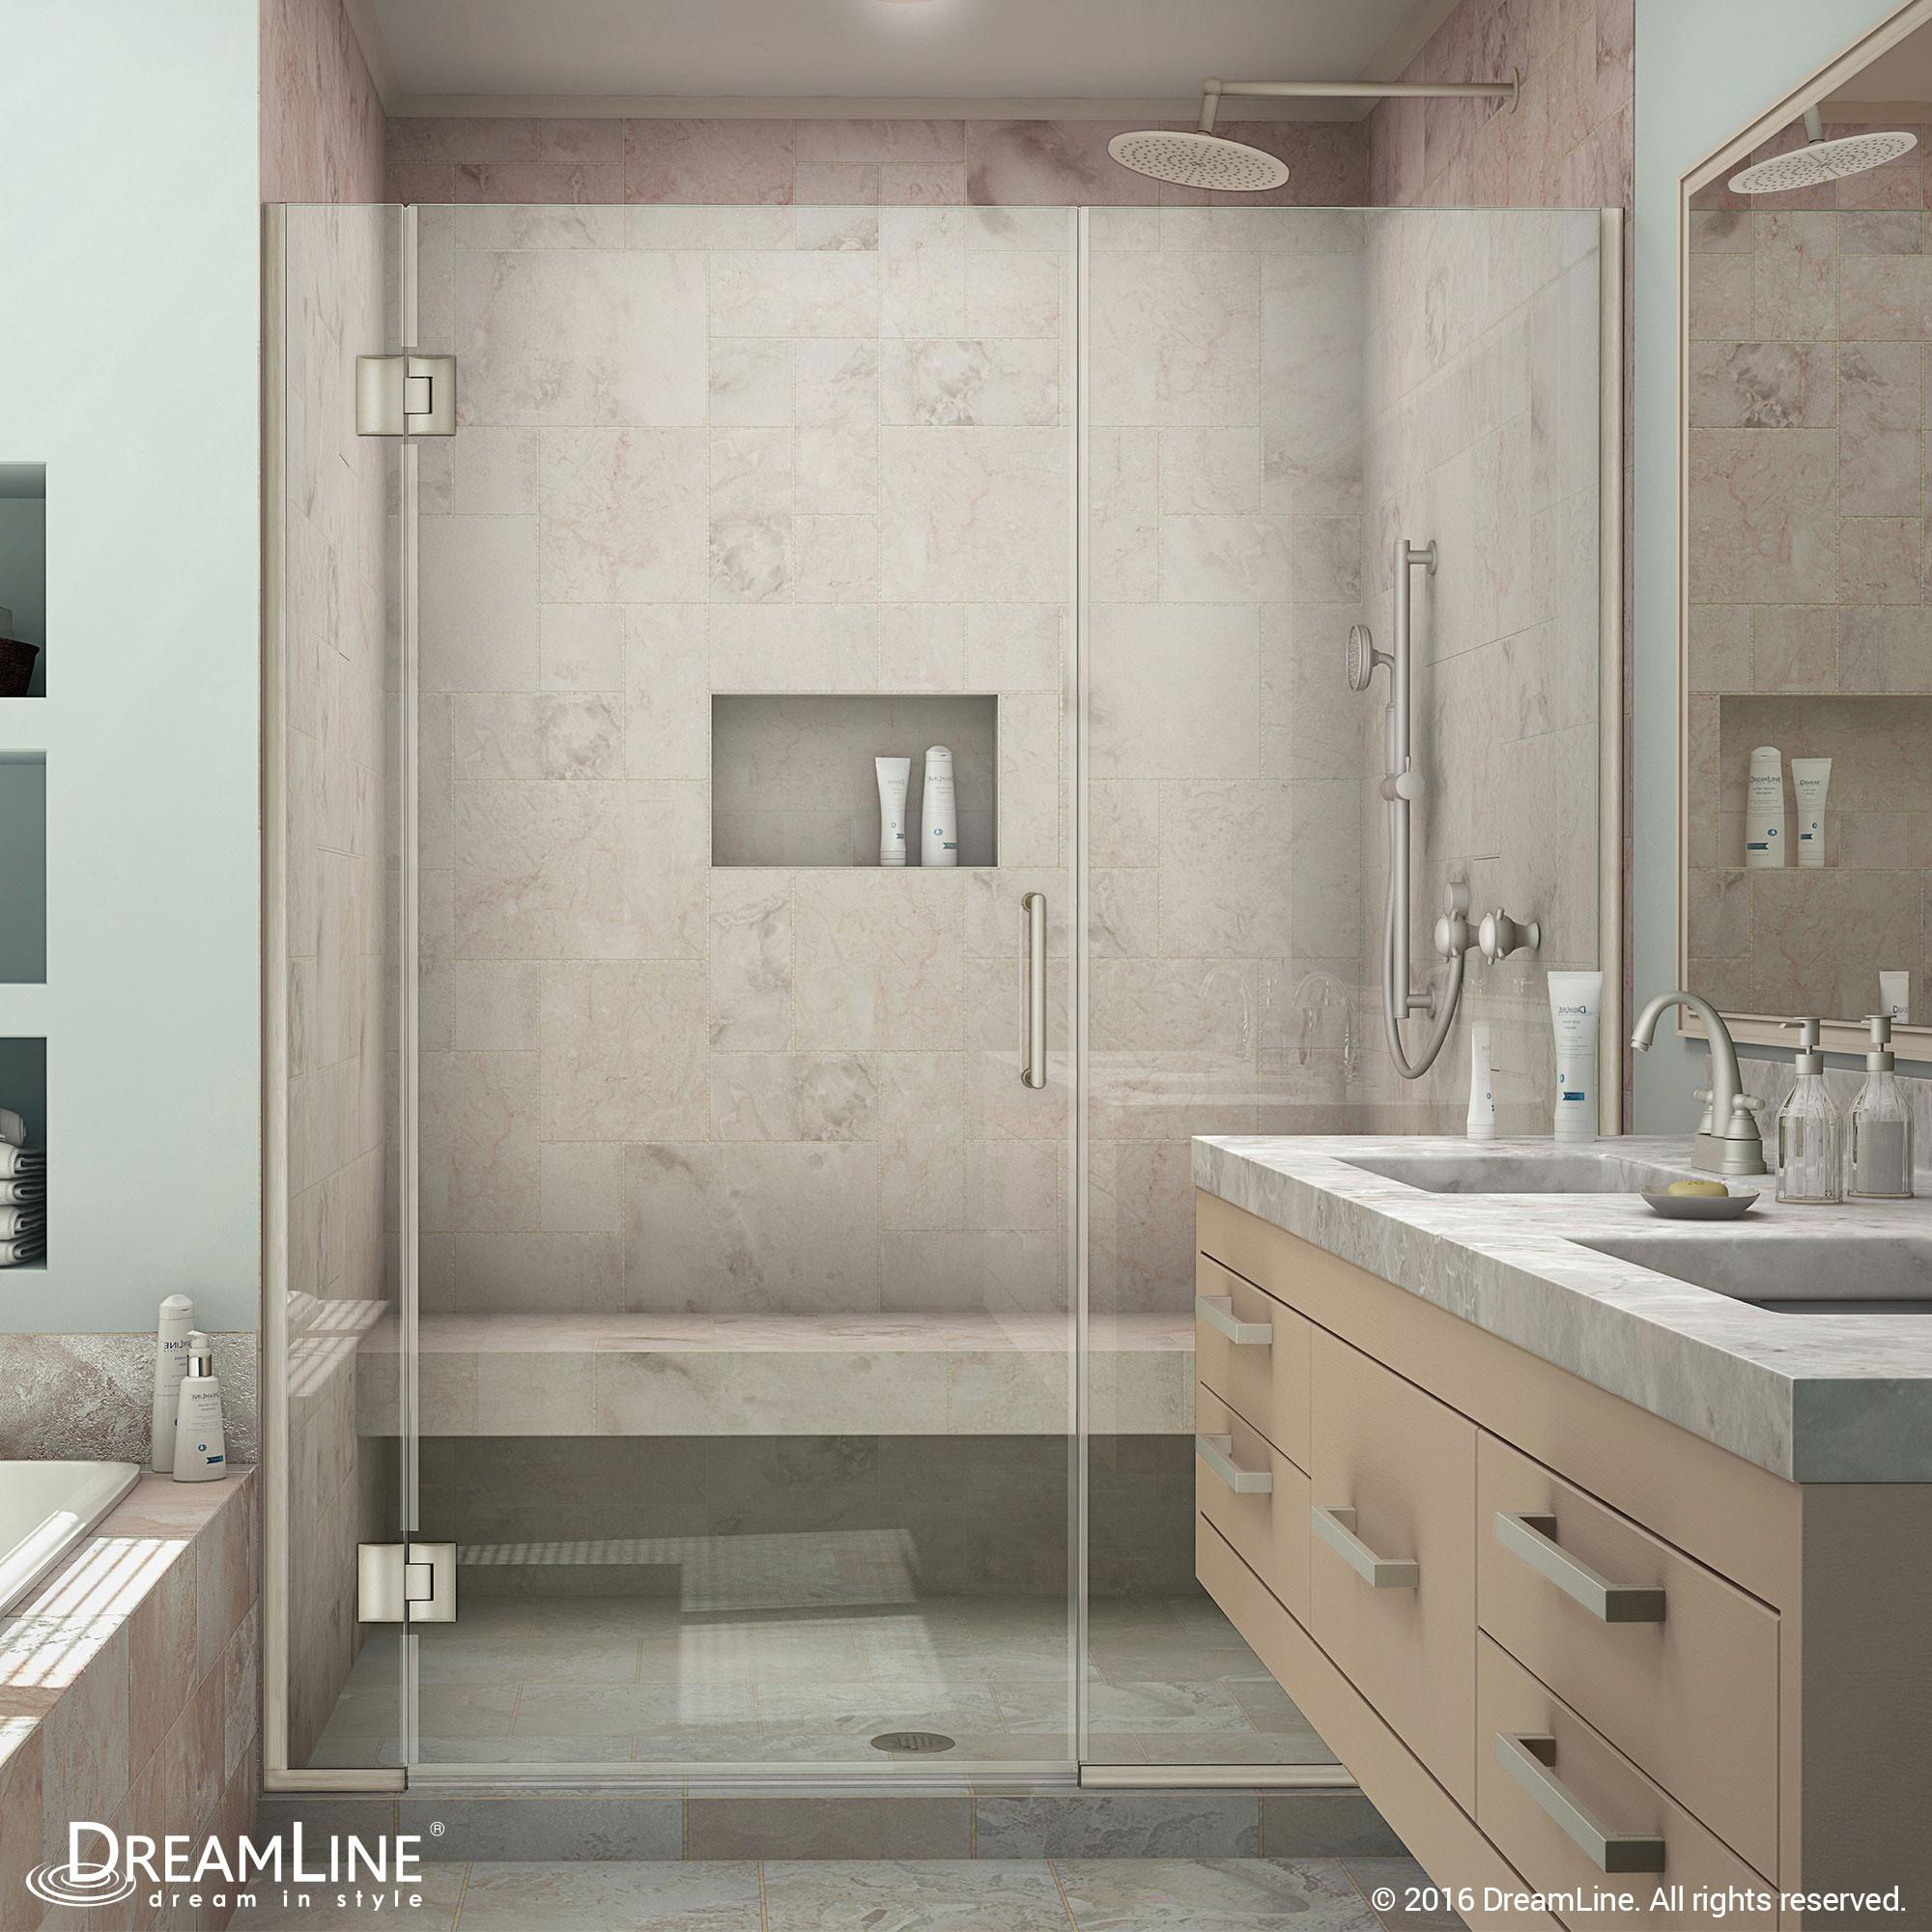 DreamLine D1292272-04 Brushed Nickel Unidoor-X 57 - 57 1/2 in. W x 72 in. H Hinged Shower Door